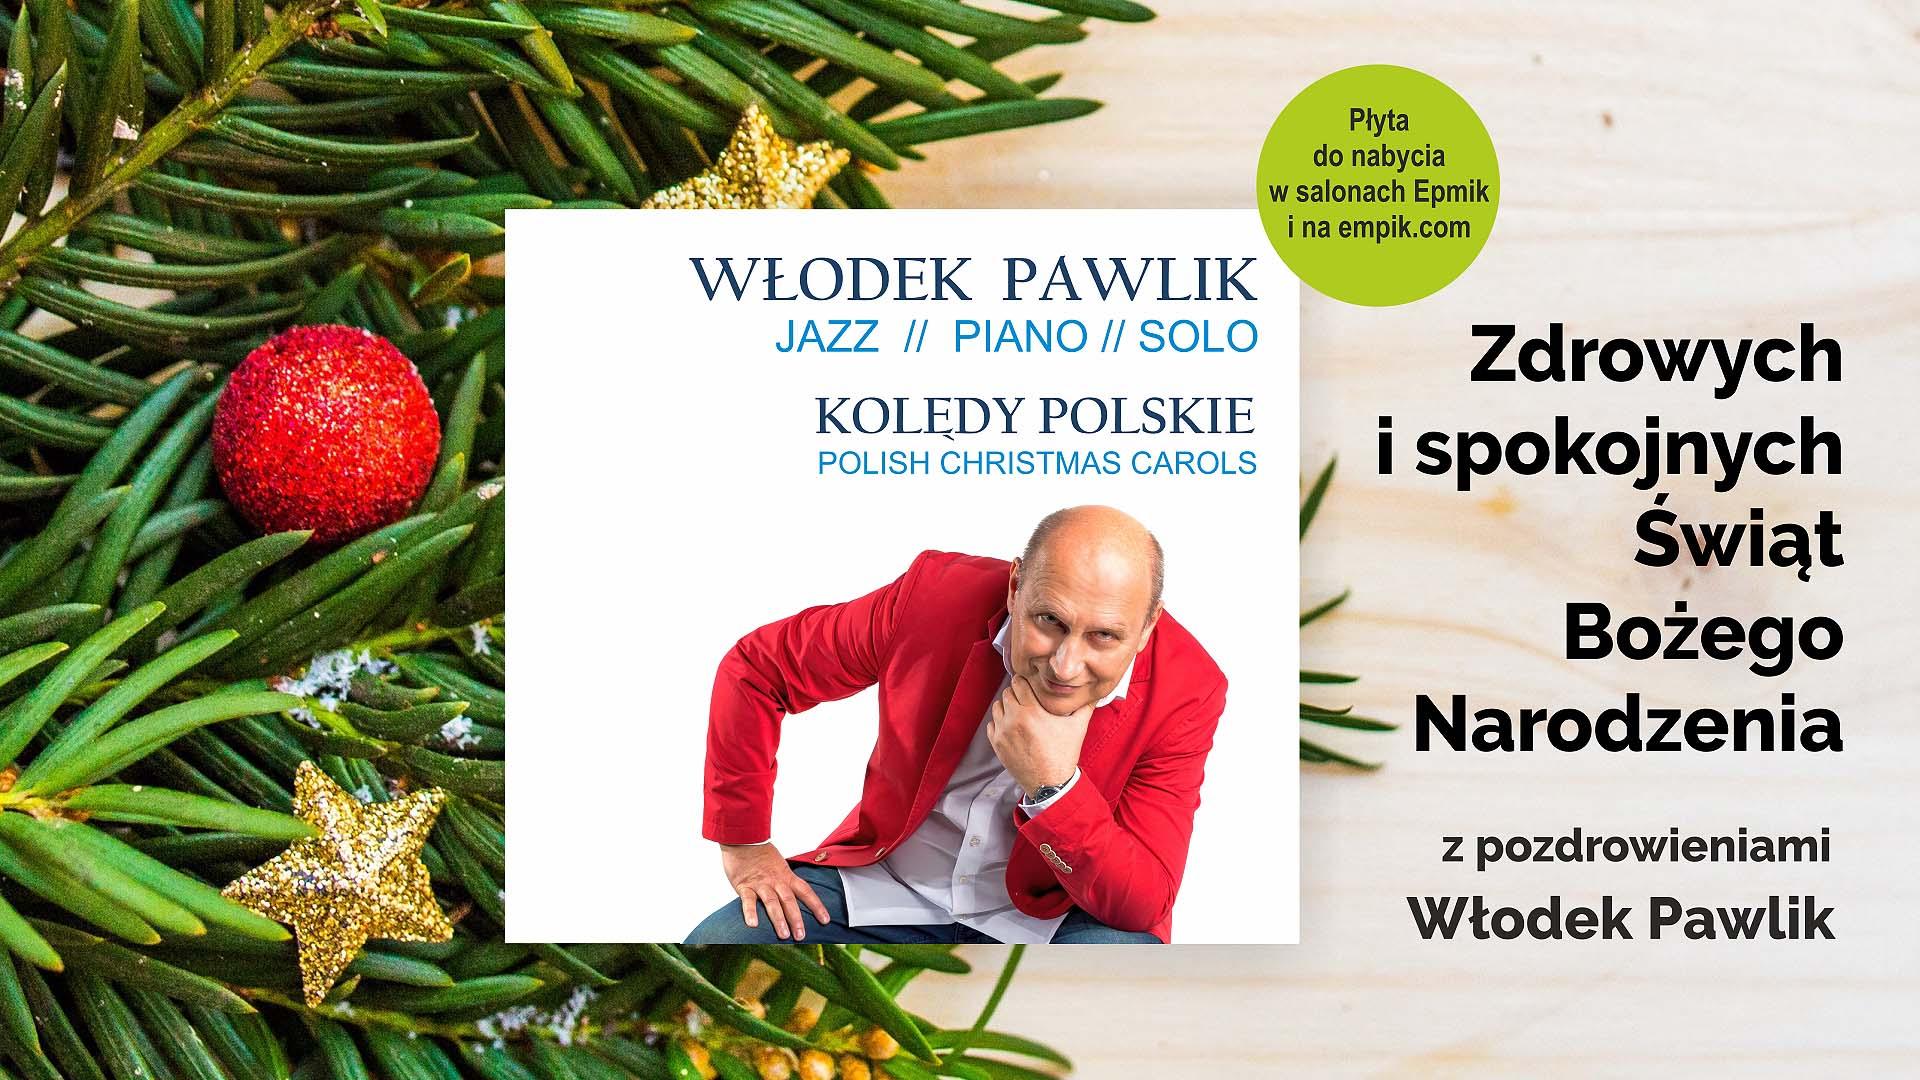 Włodek Pawlik Kolędy Polskie